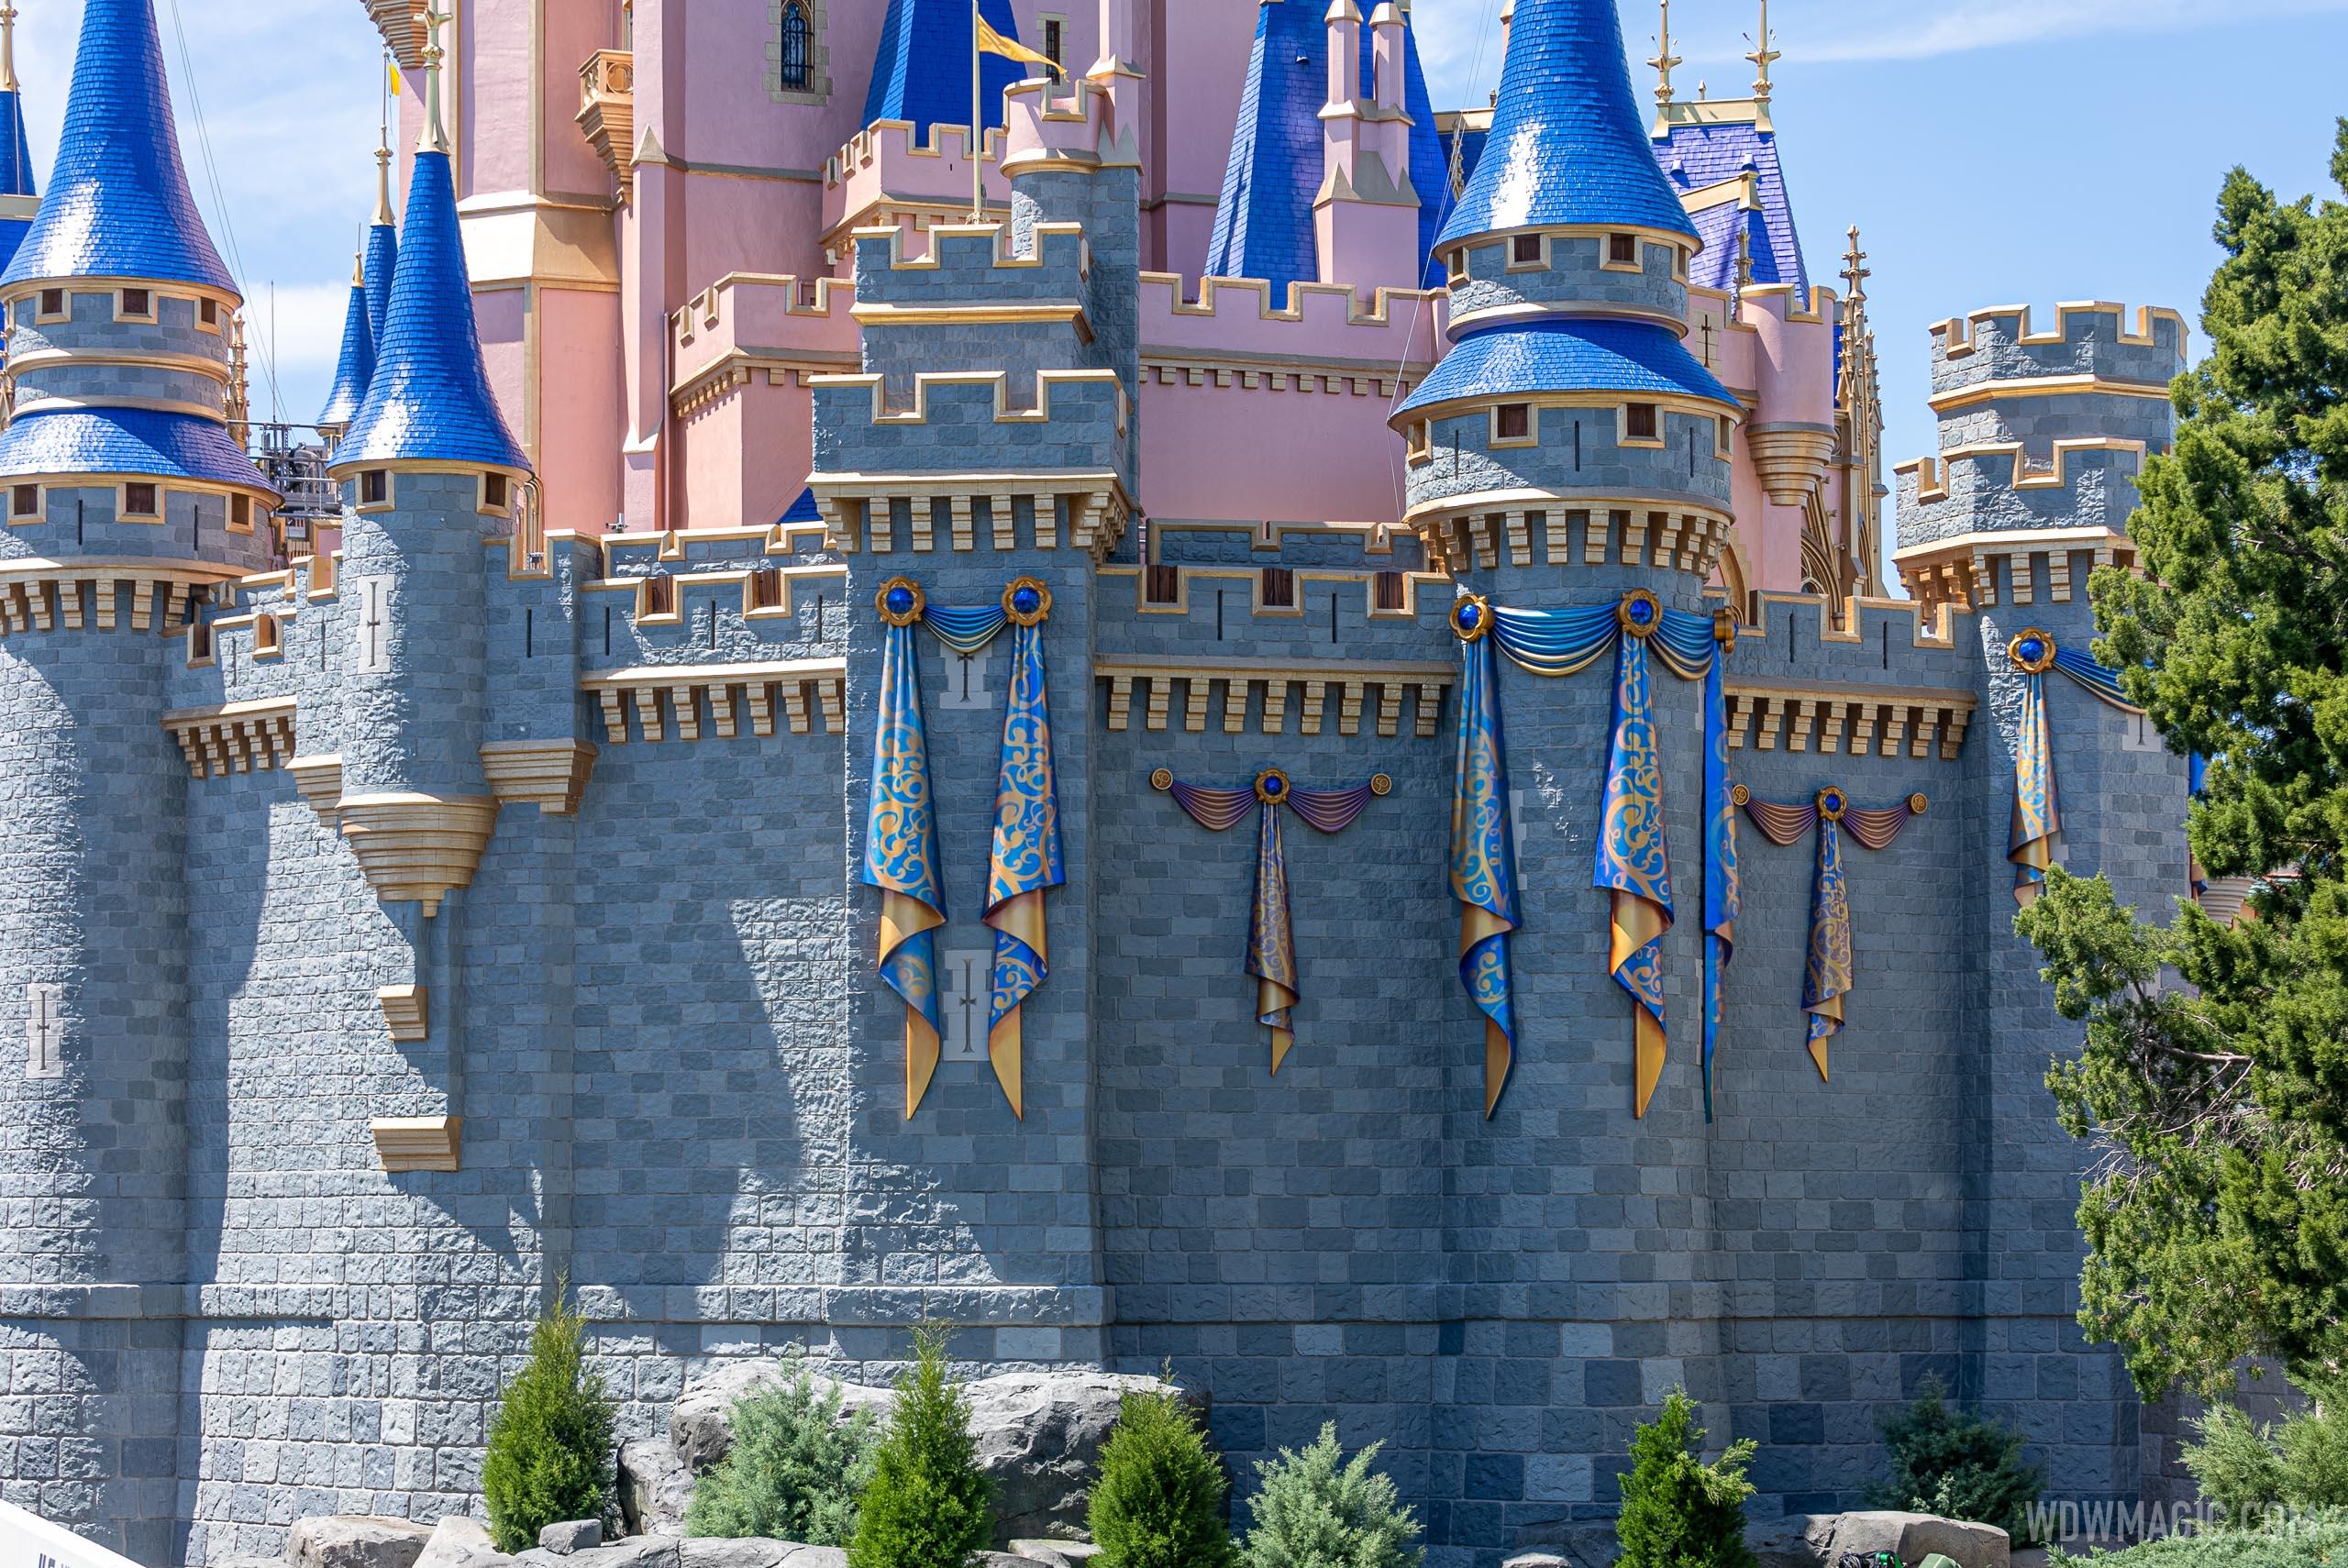 Cinderella Castle jabot and swag - east side